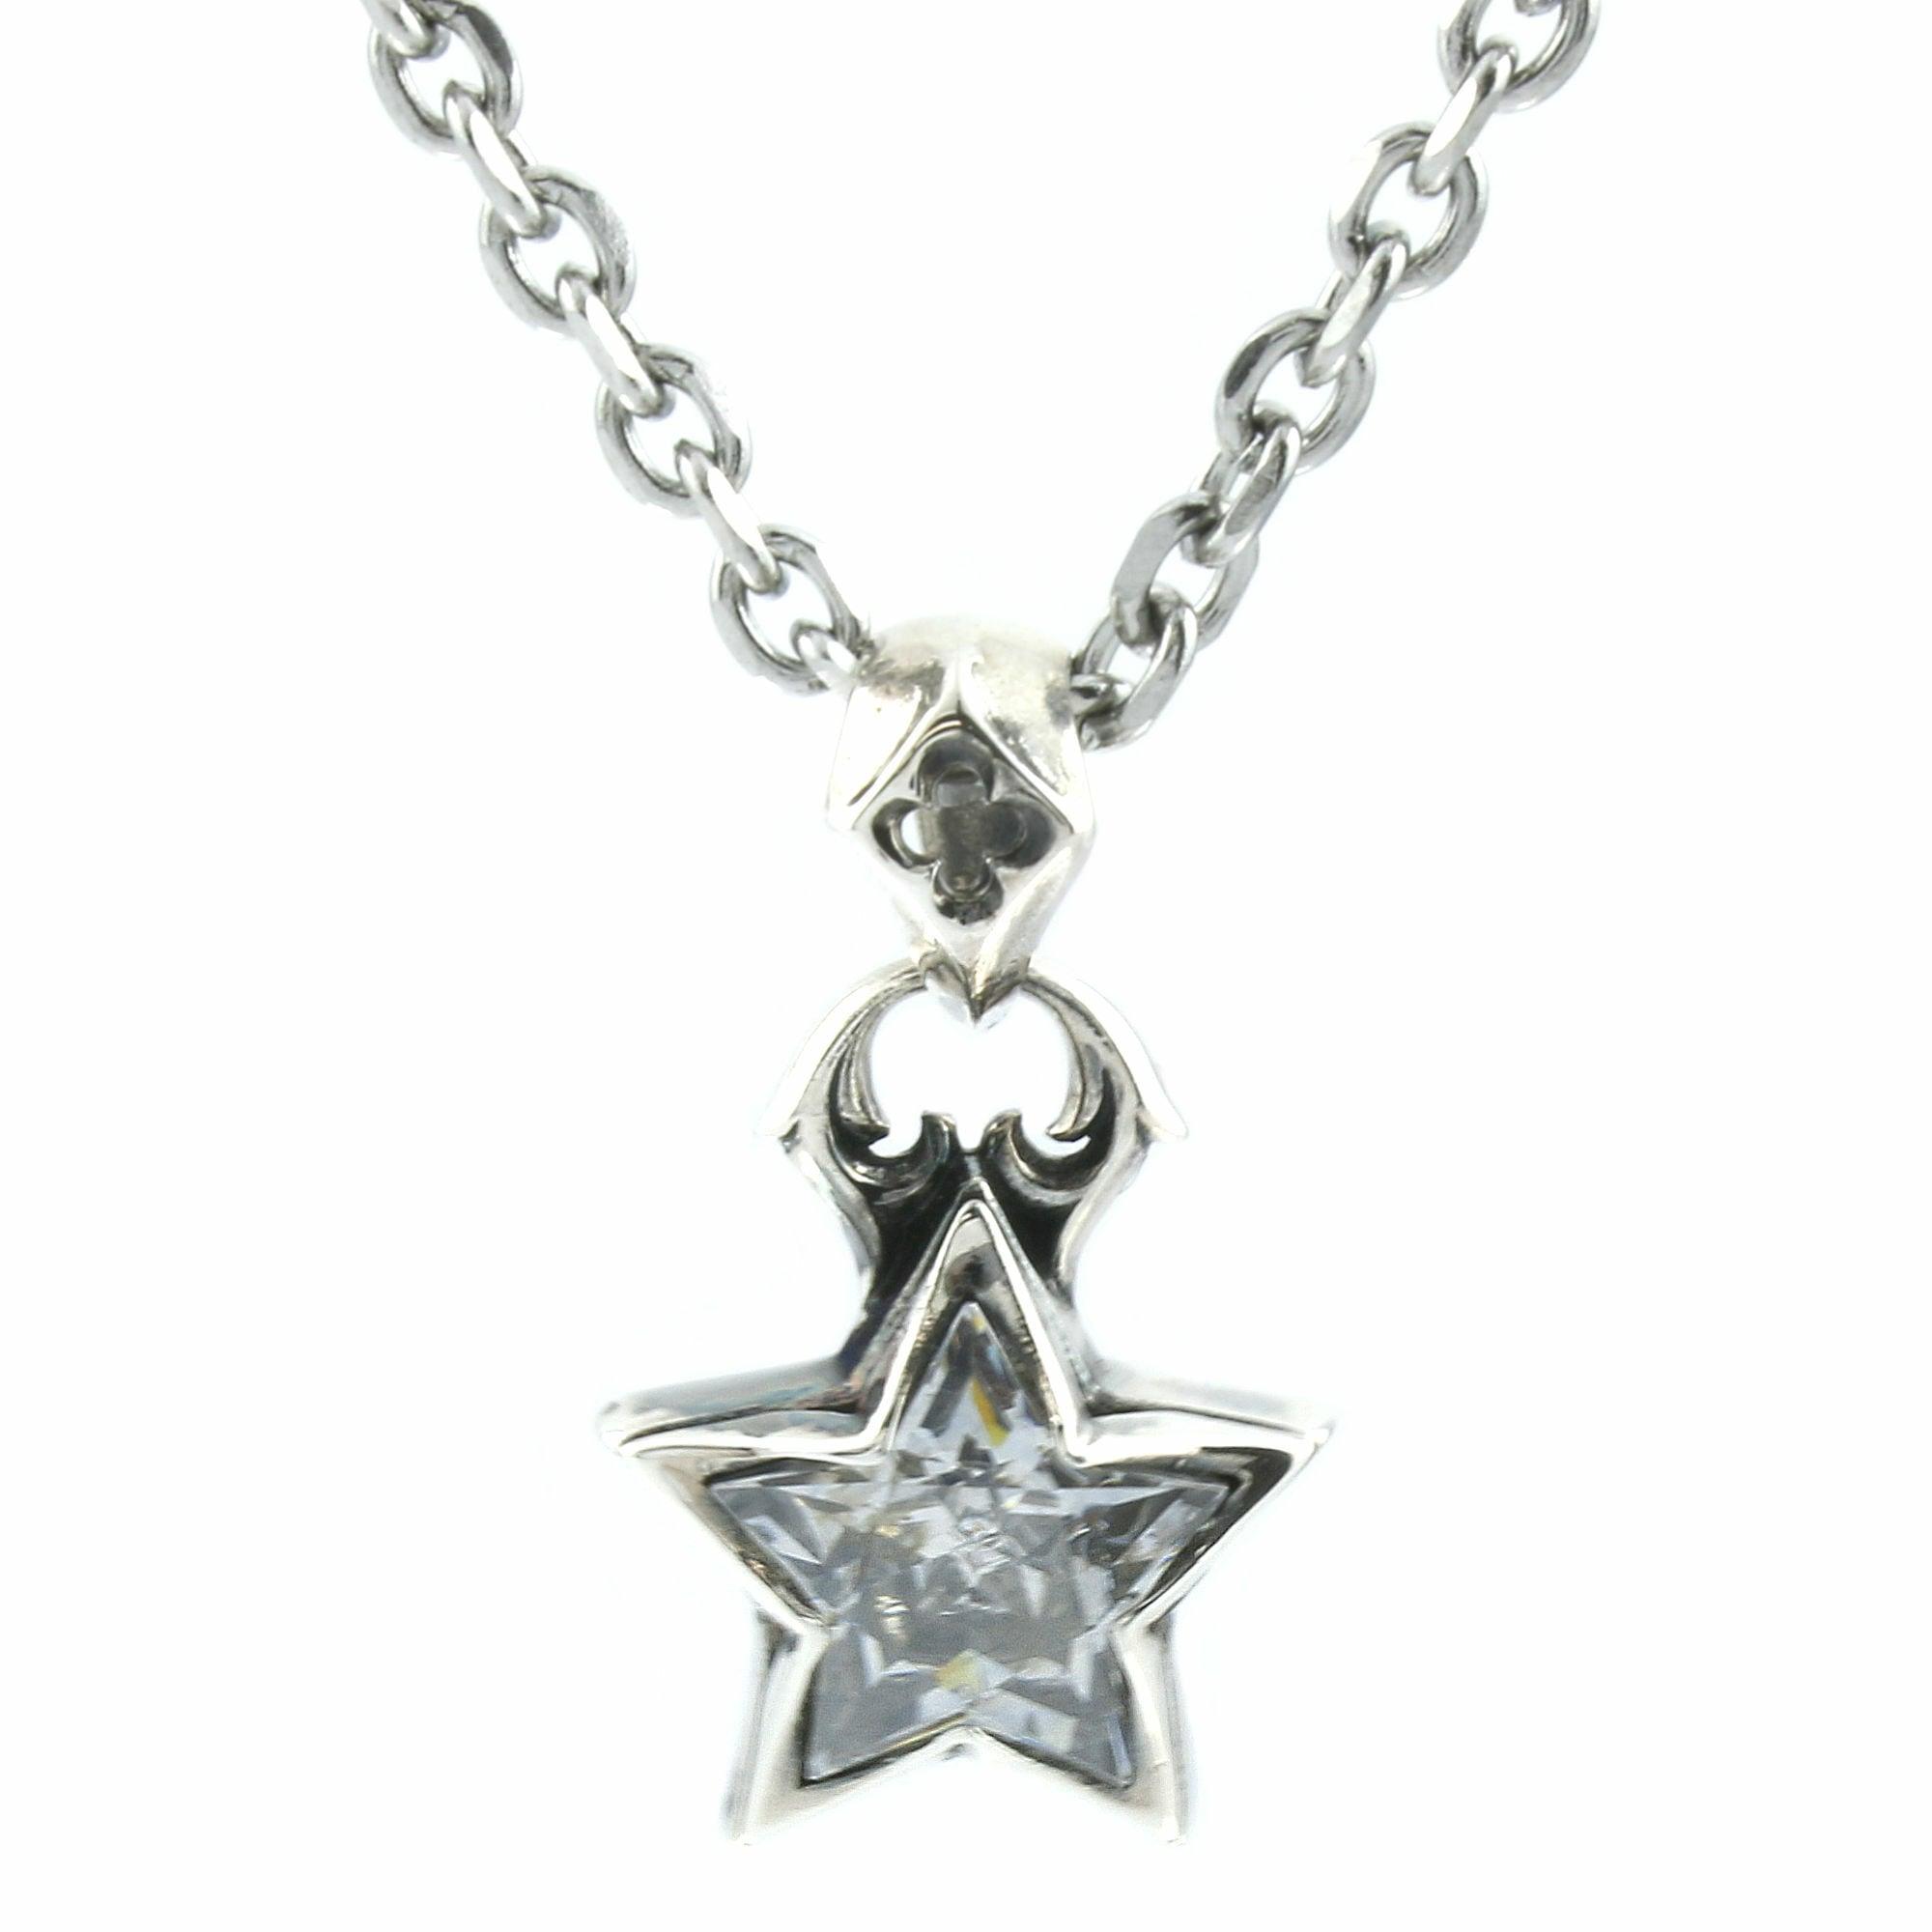 イブニングスターチャーム(クリア) ACP0295 Evening Star Charm (Clear)